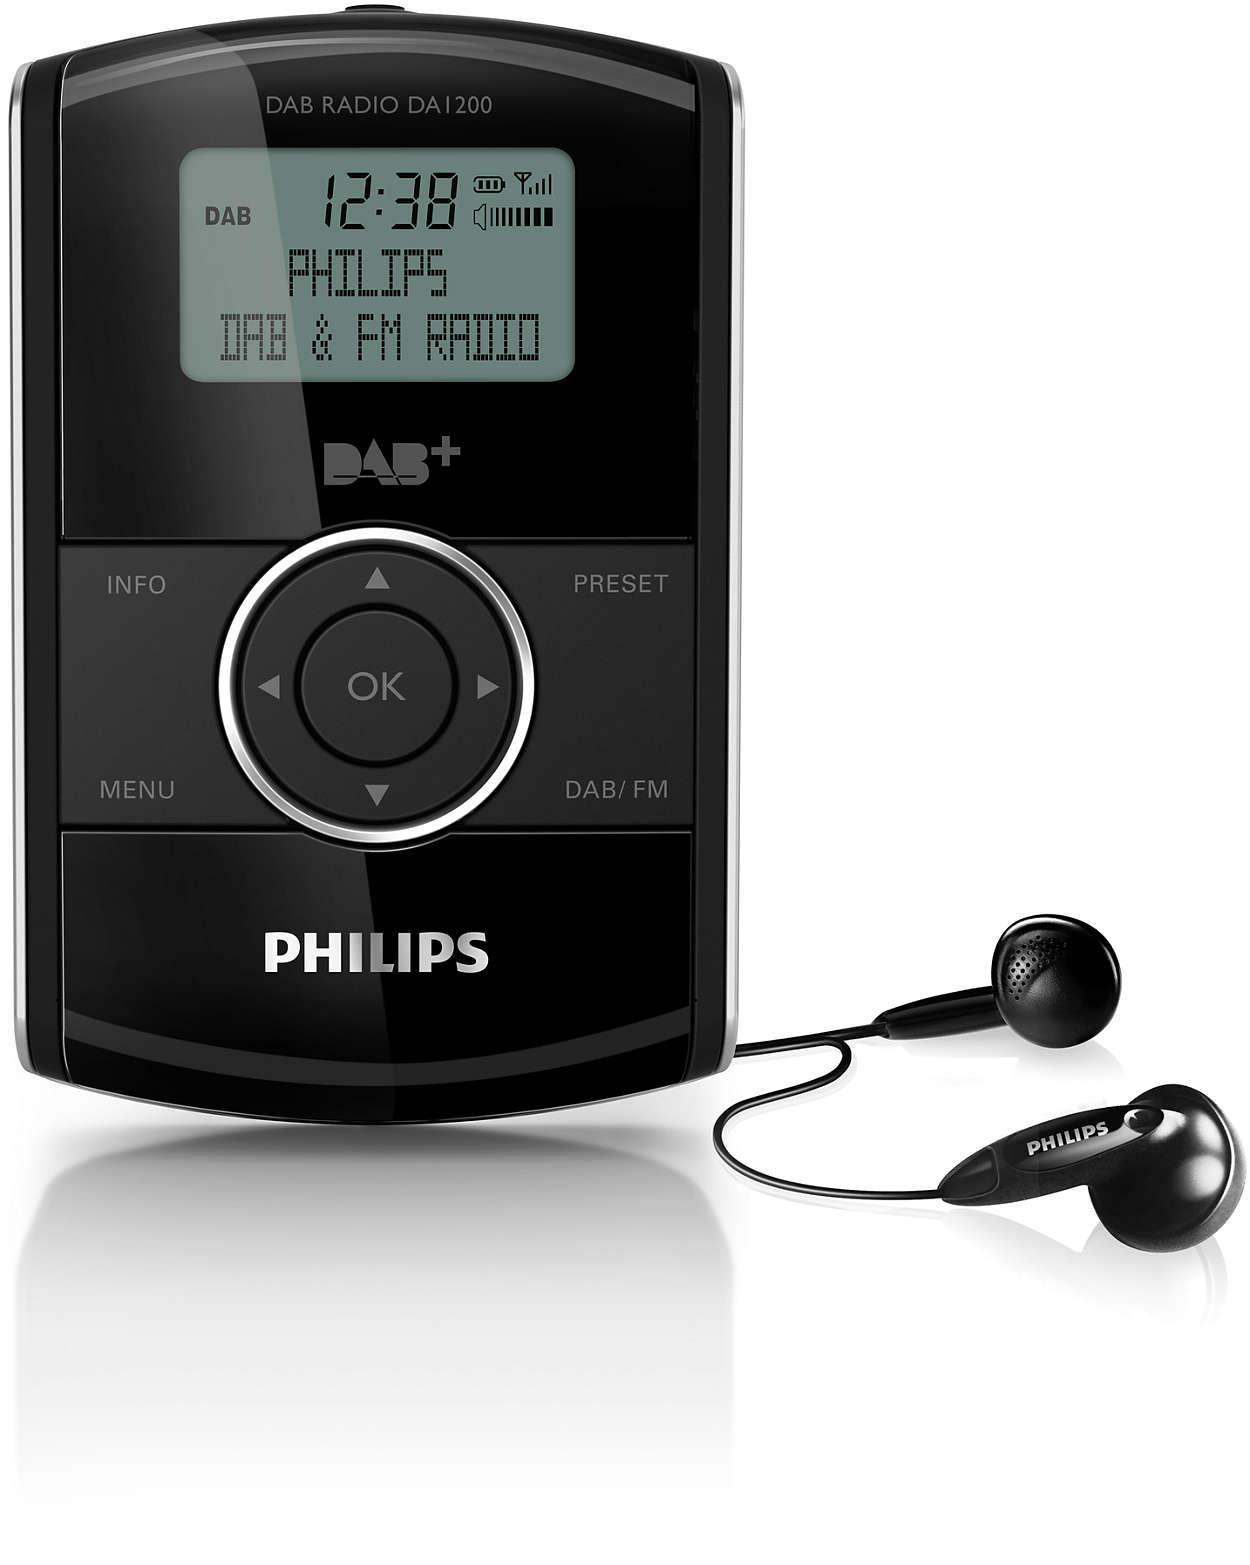 Lyssna på DAB+-radio oavsett var du befinner dig!